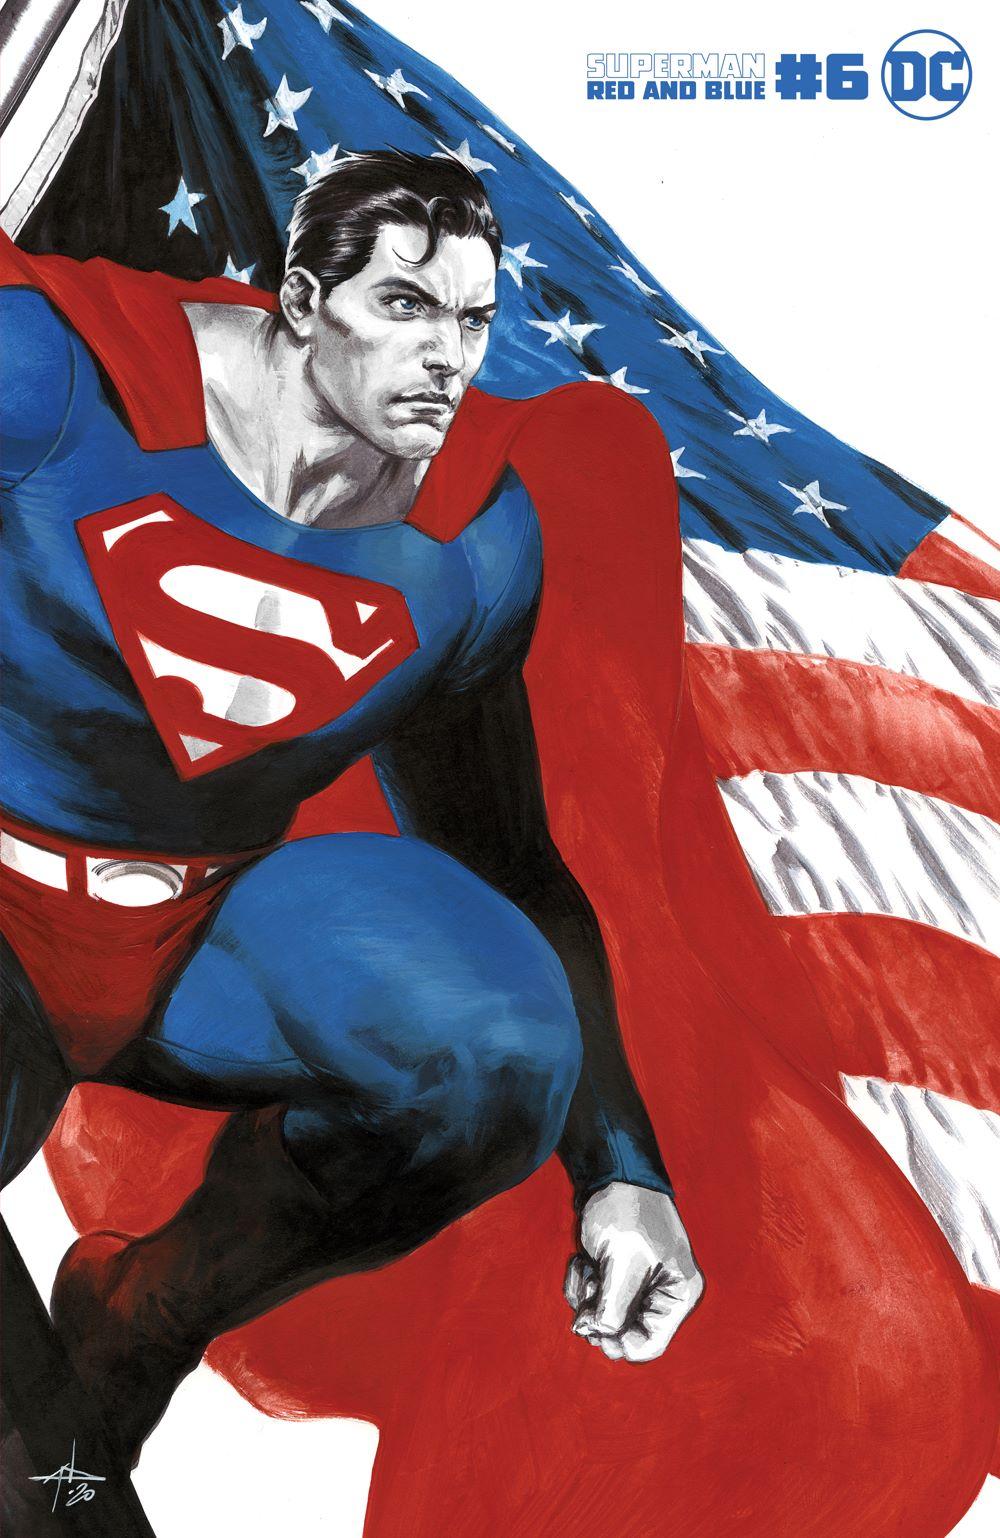 SM_RandB_Cv6_var_00621 DC Comics August 2021 Solicitations